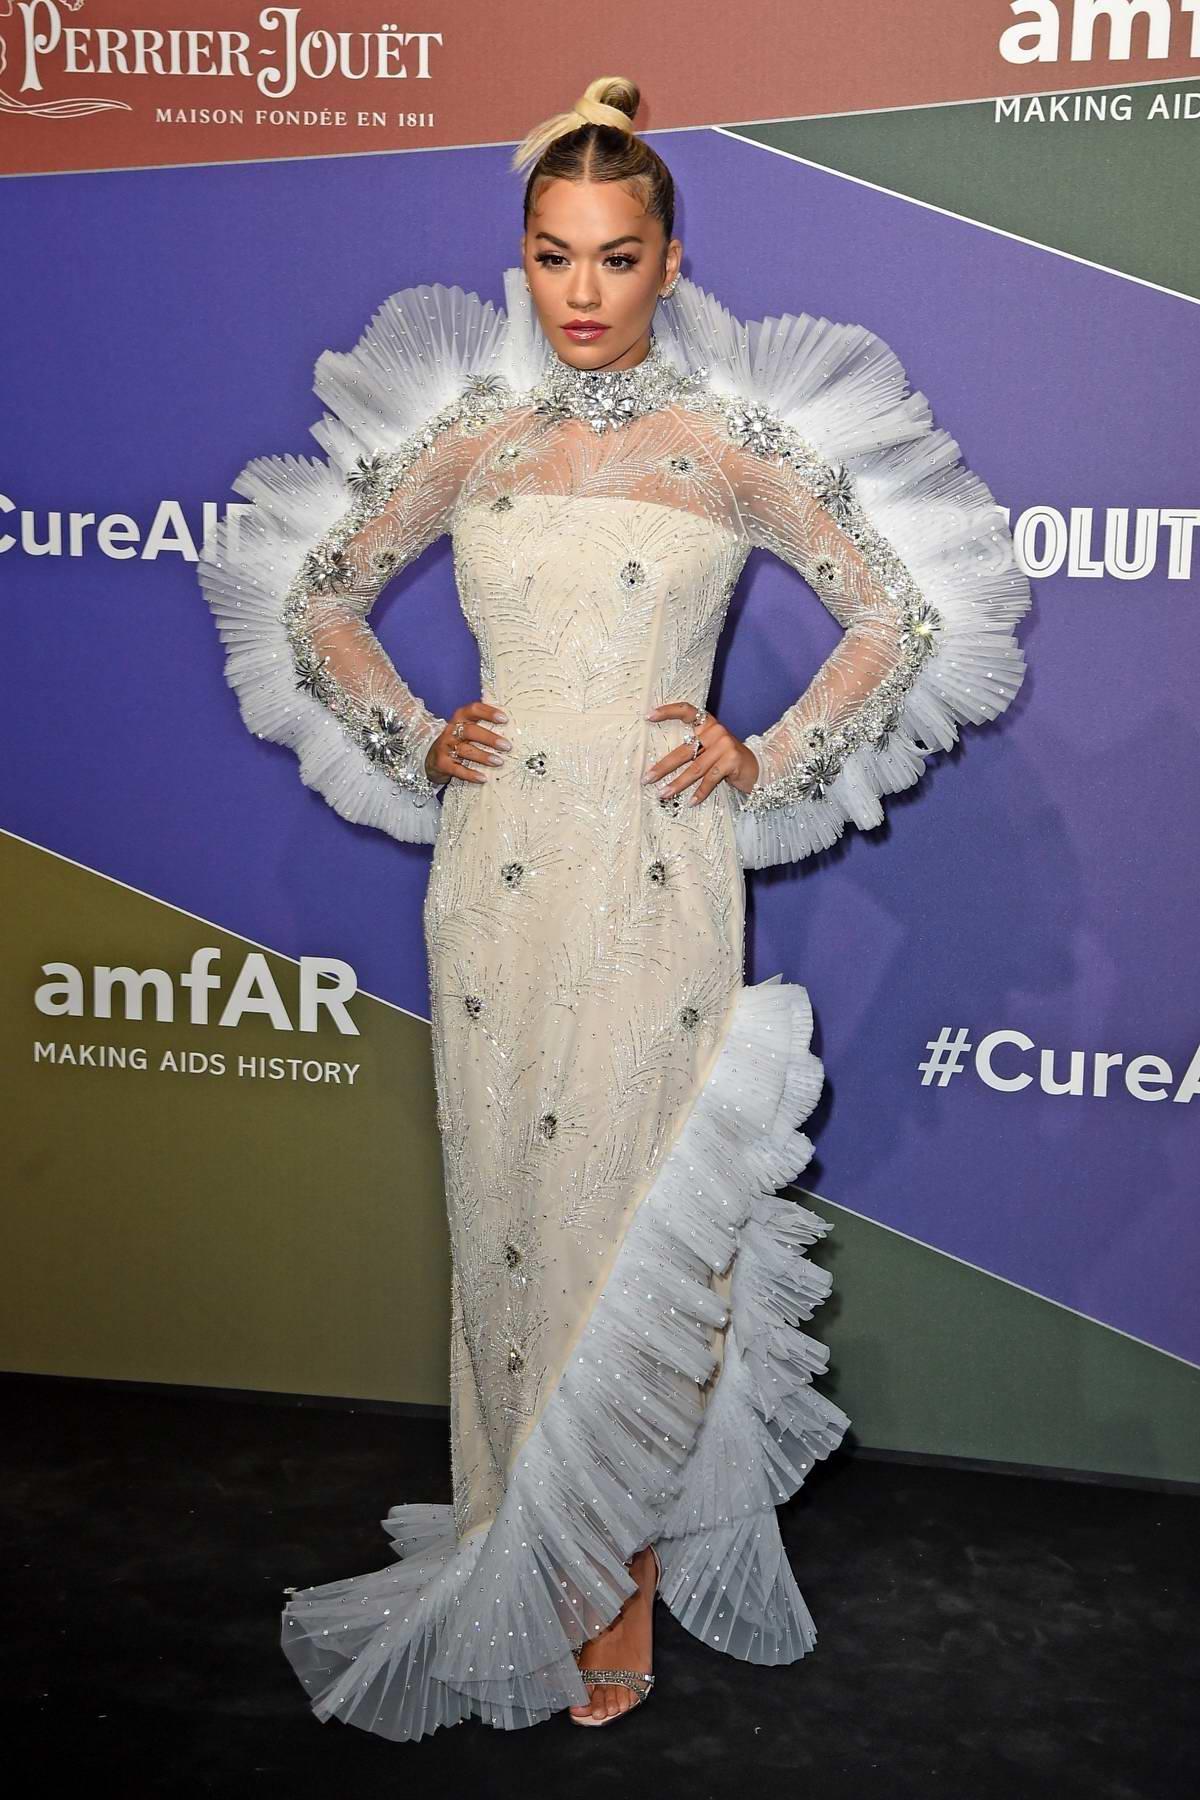 Rita Ora attends the amfAR Gala Milano 2019 at Palazzo Mezzanotte in Milan, Italy